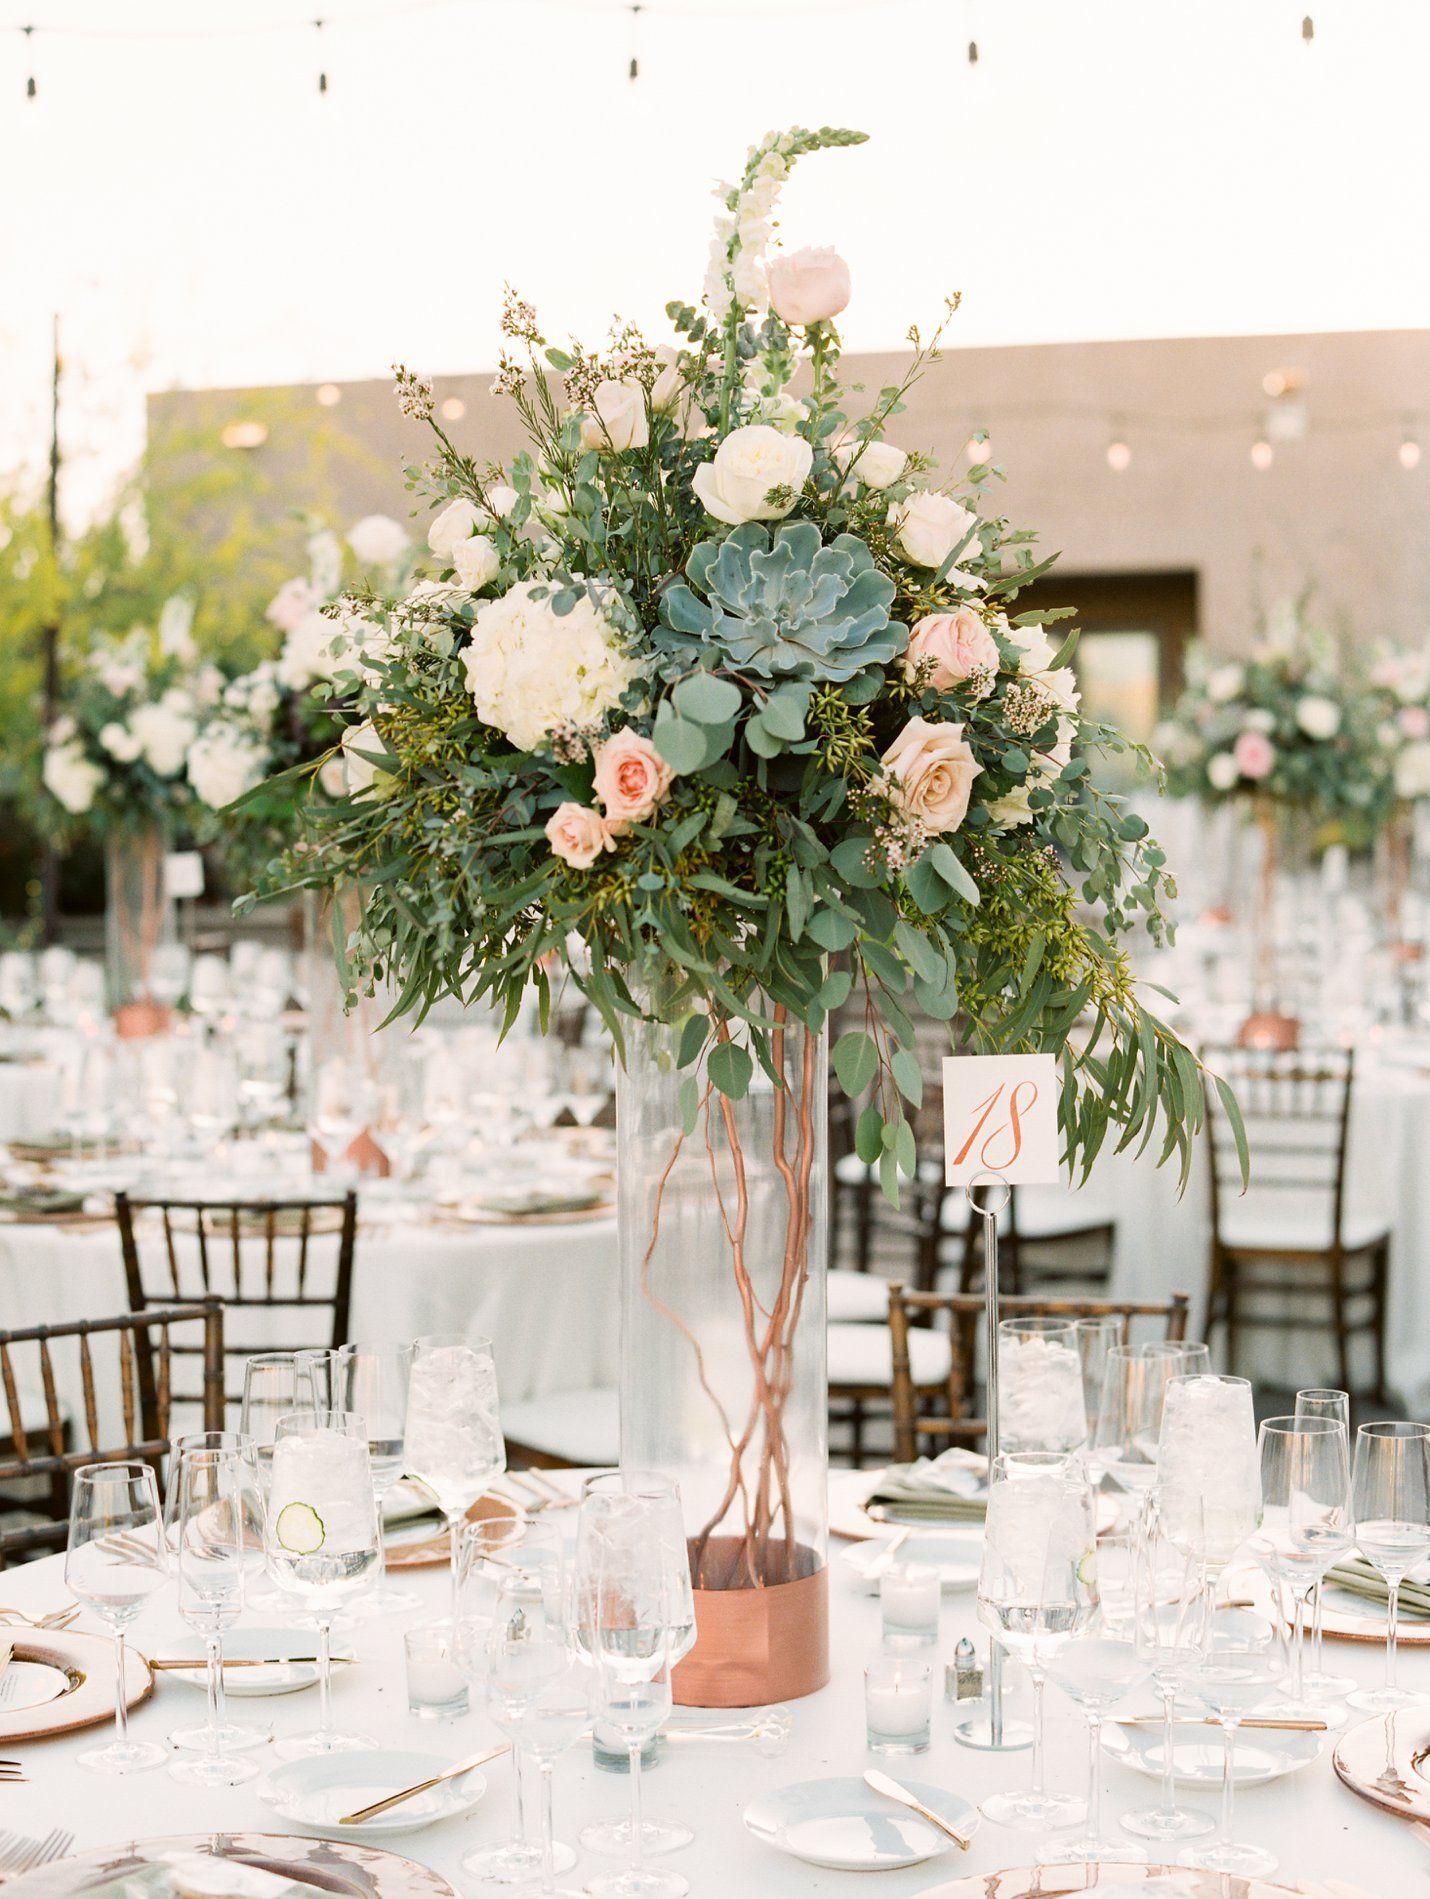 Desert Botanical Garden Wedding - Rachel Solomon Photography #botanicgarden